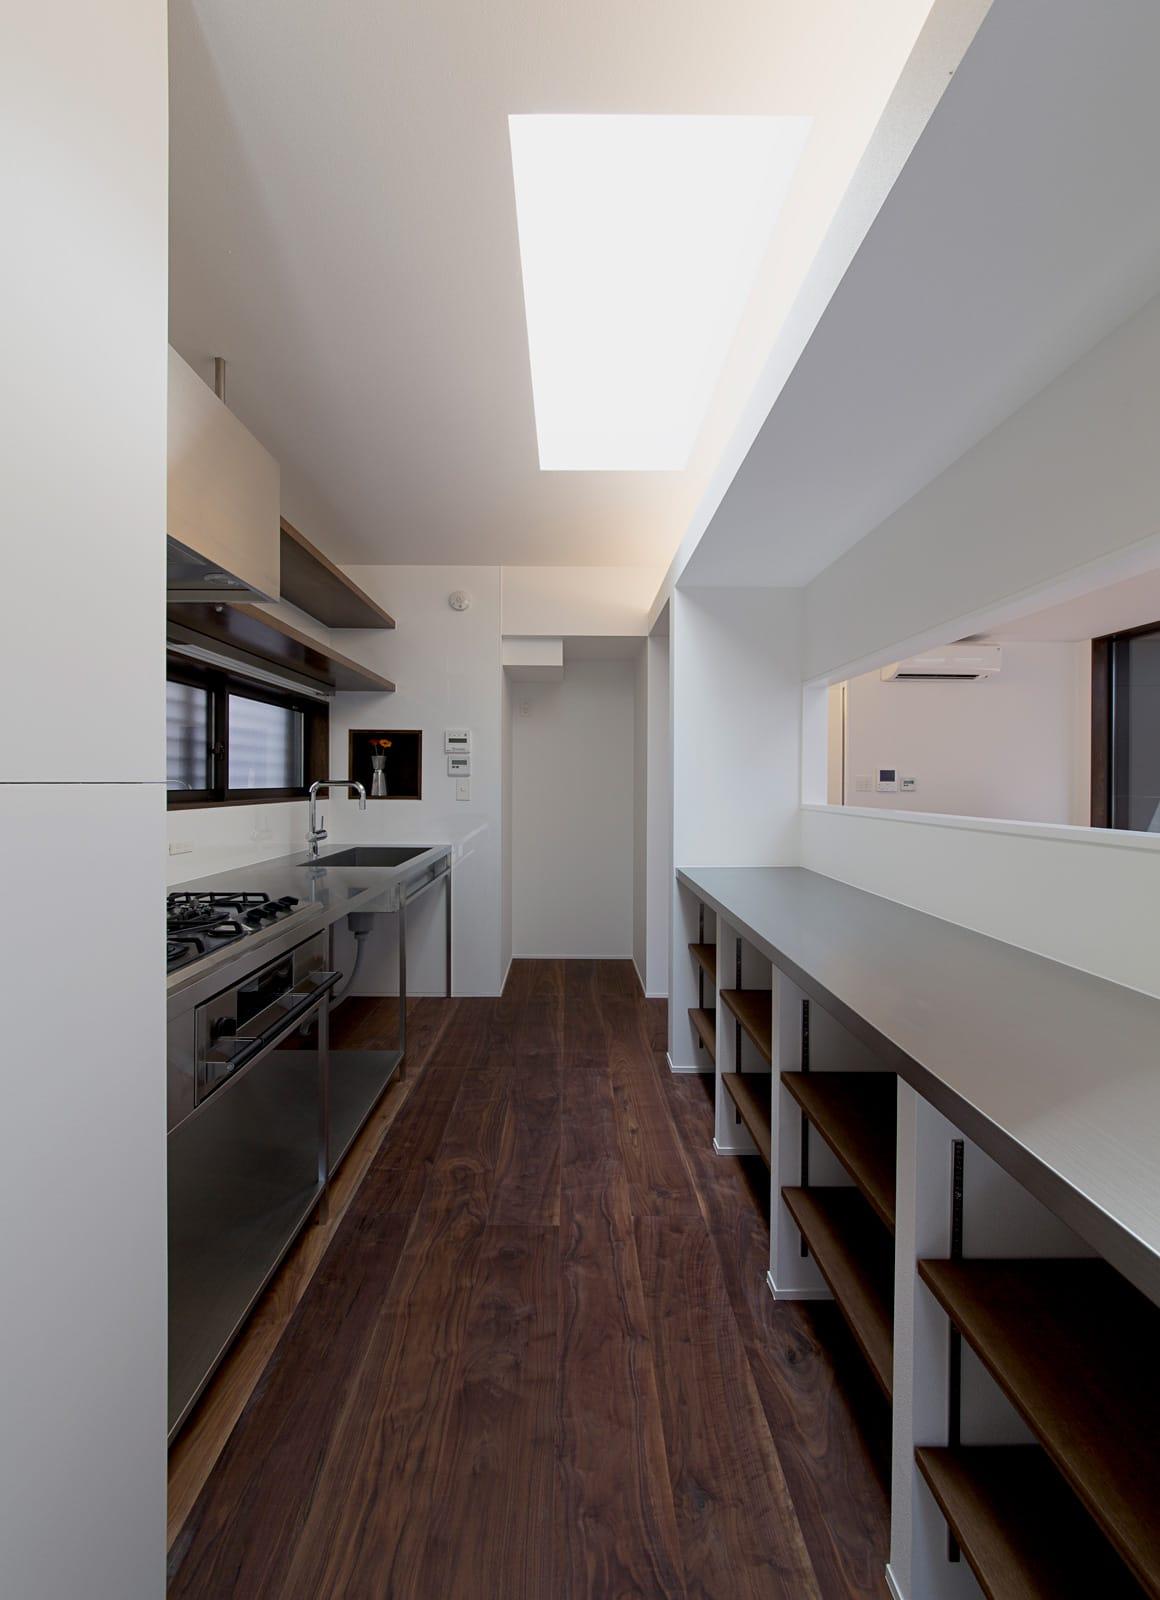 パン工房のある家のキッチン3